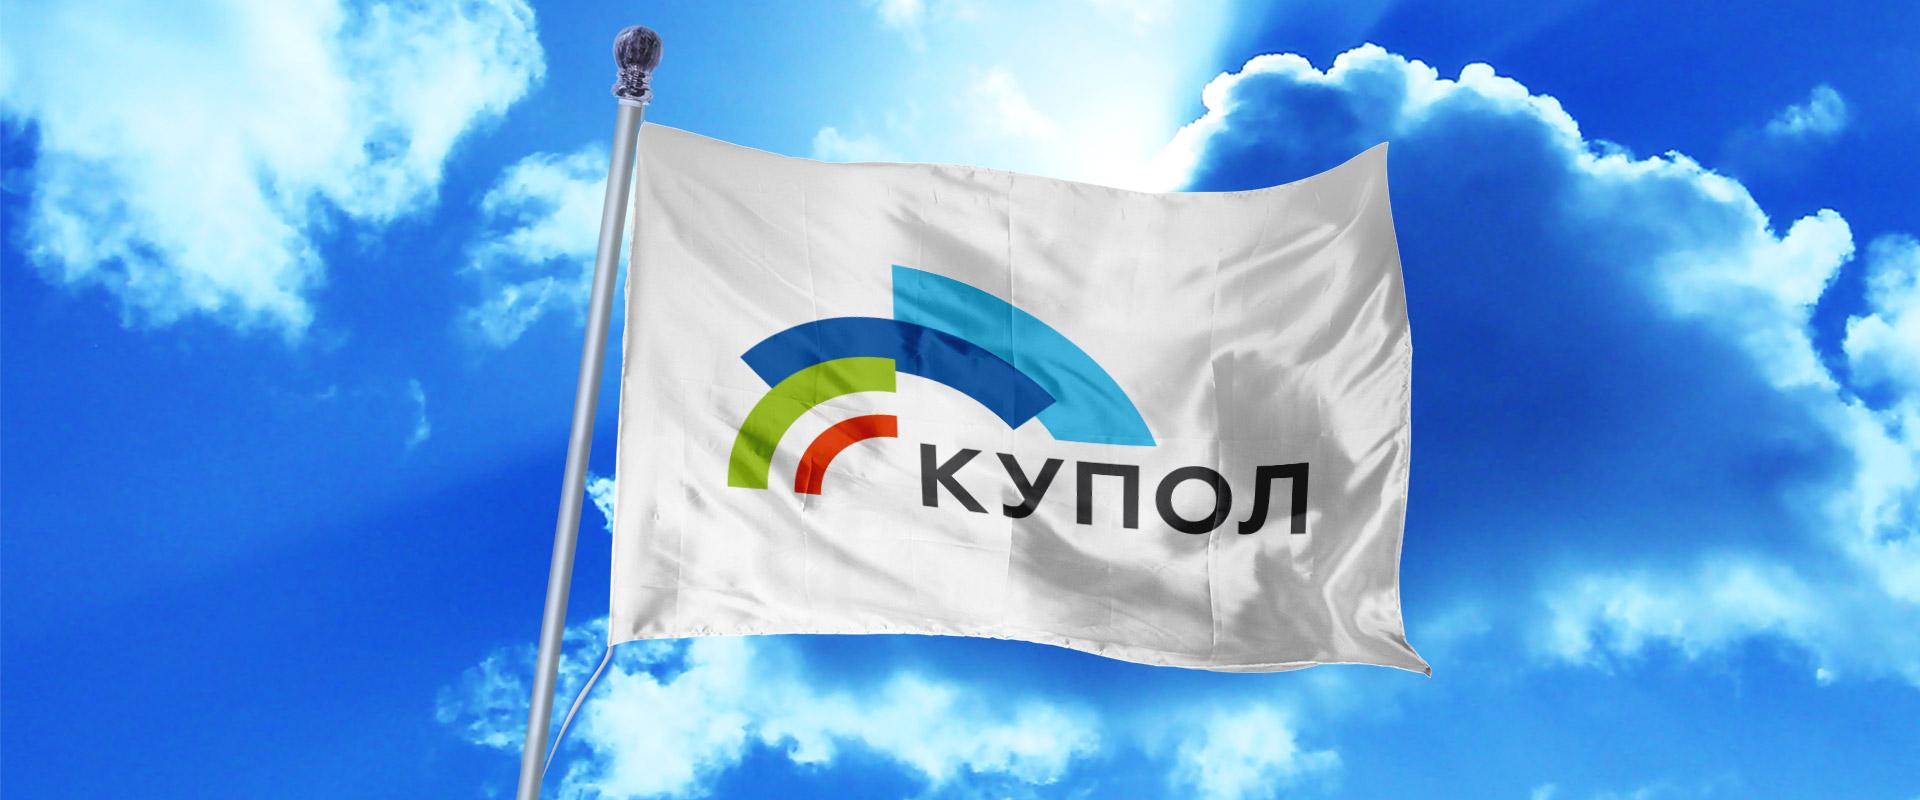 Логотип на флагштоке